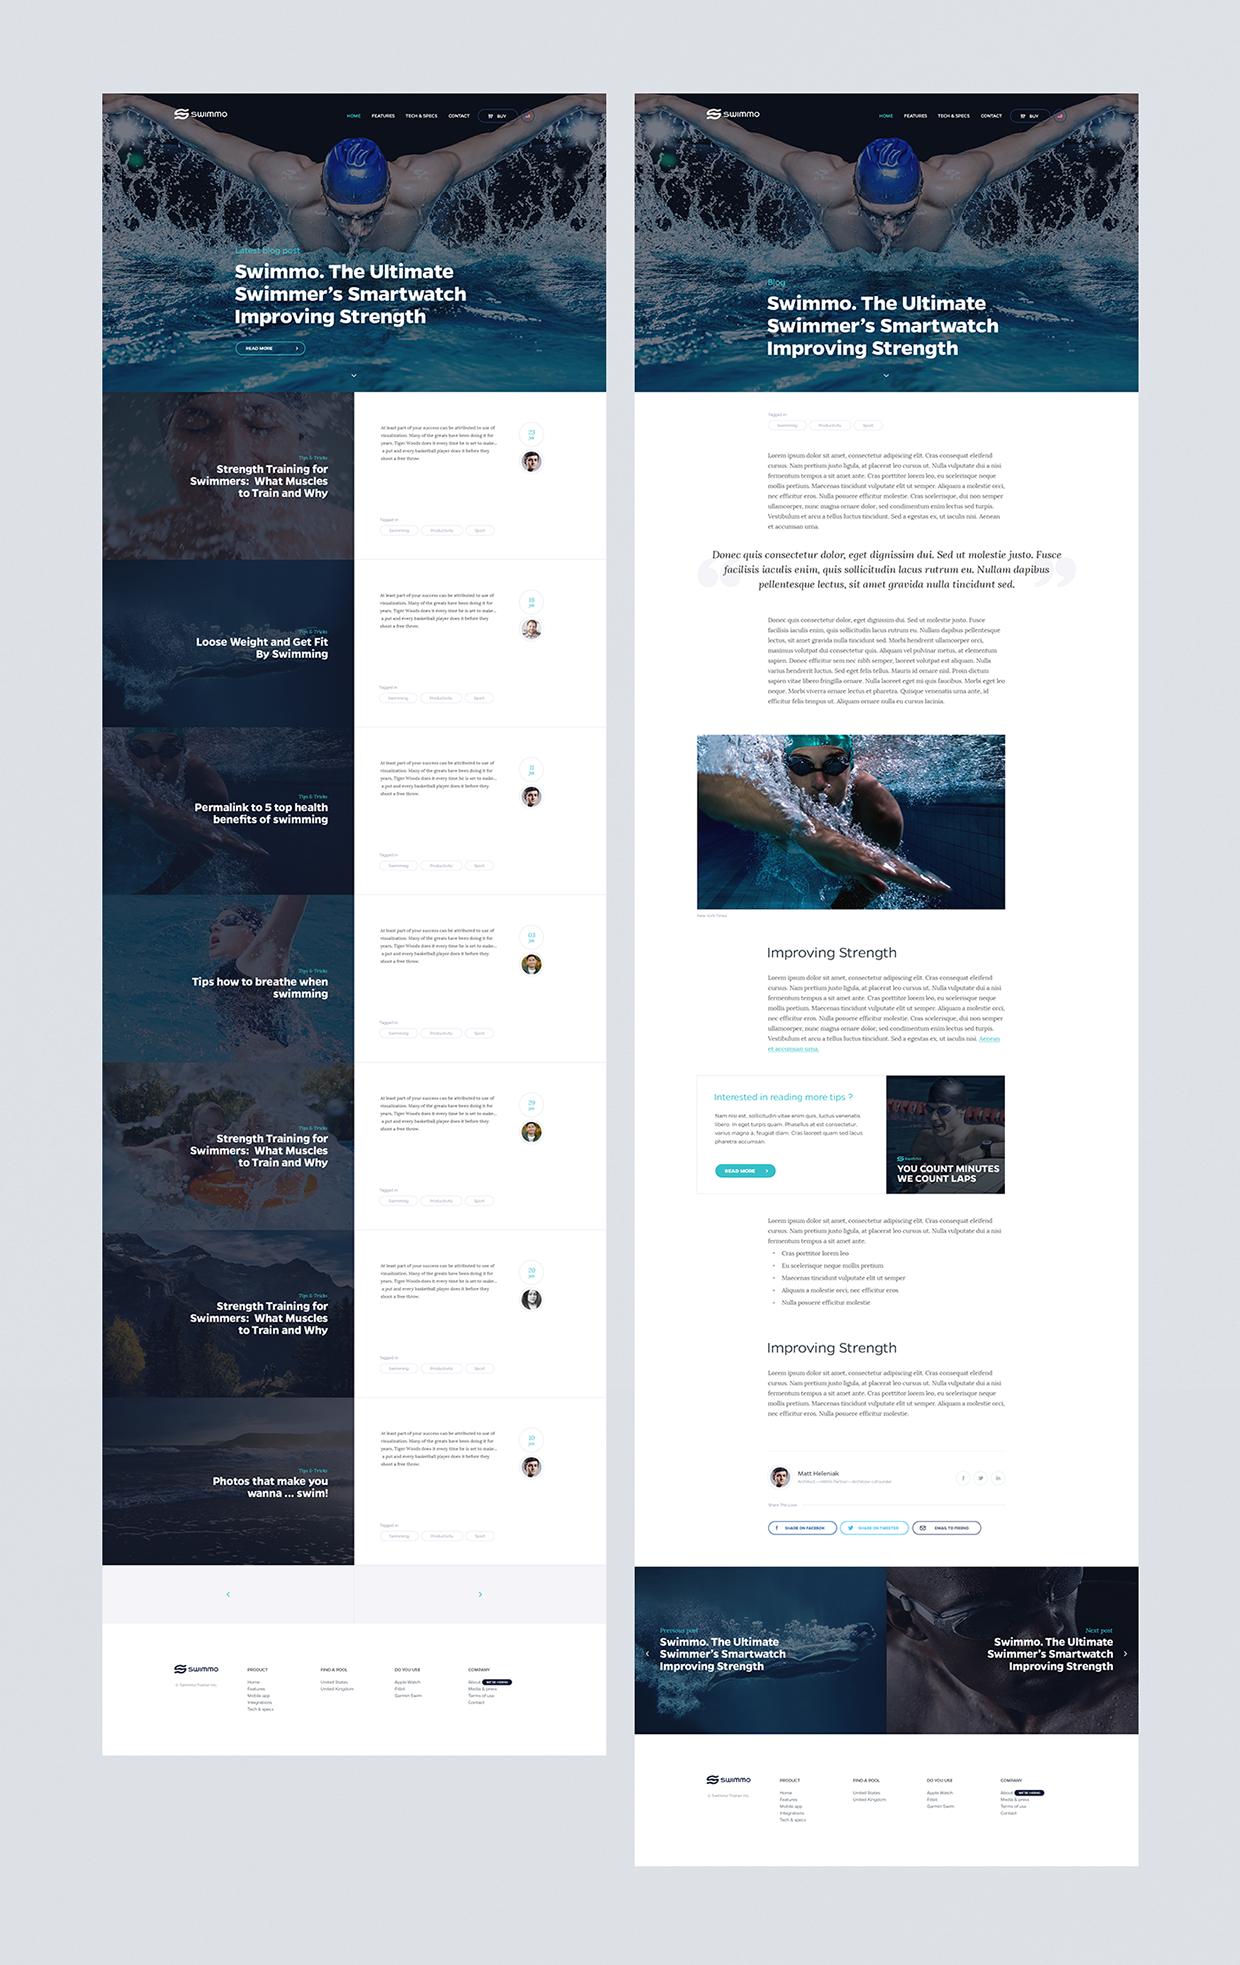 swimmo smart watch app及网页设计图片